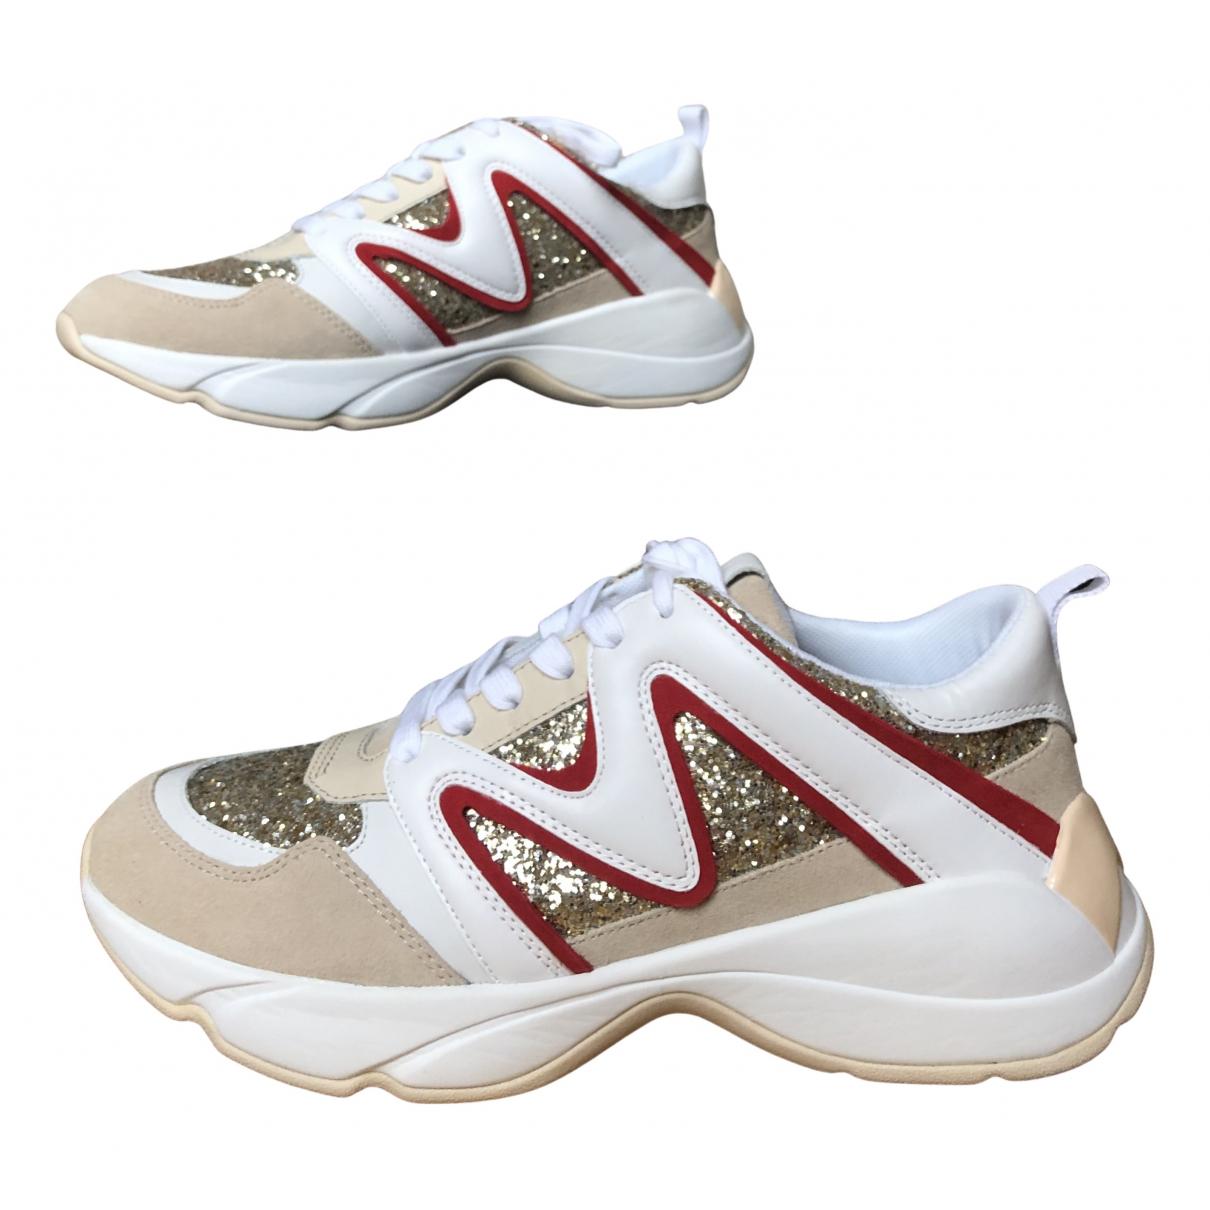 Maje - Baskets   pour femme en cuir - beige